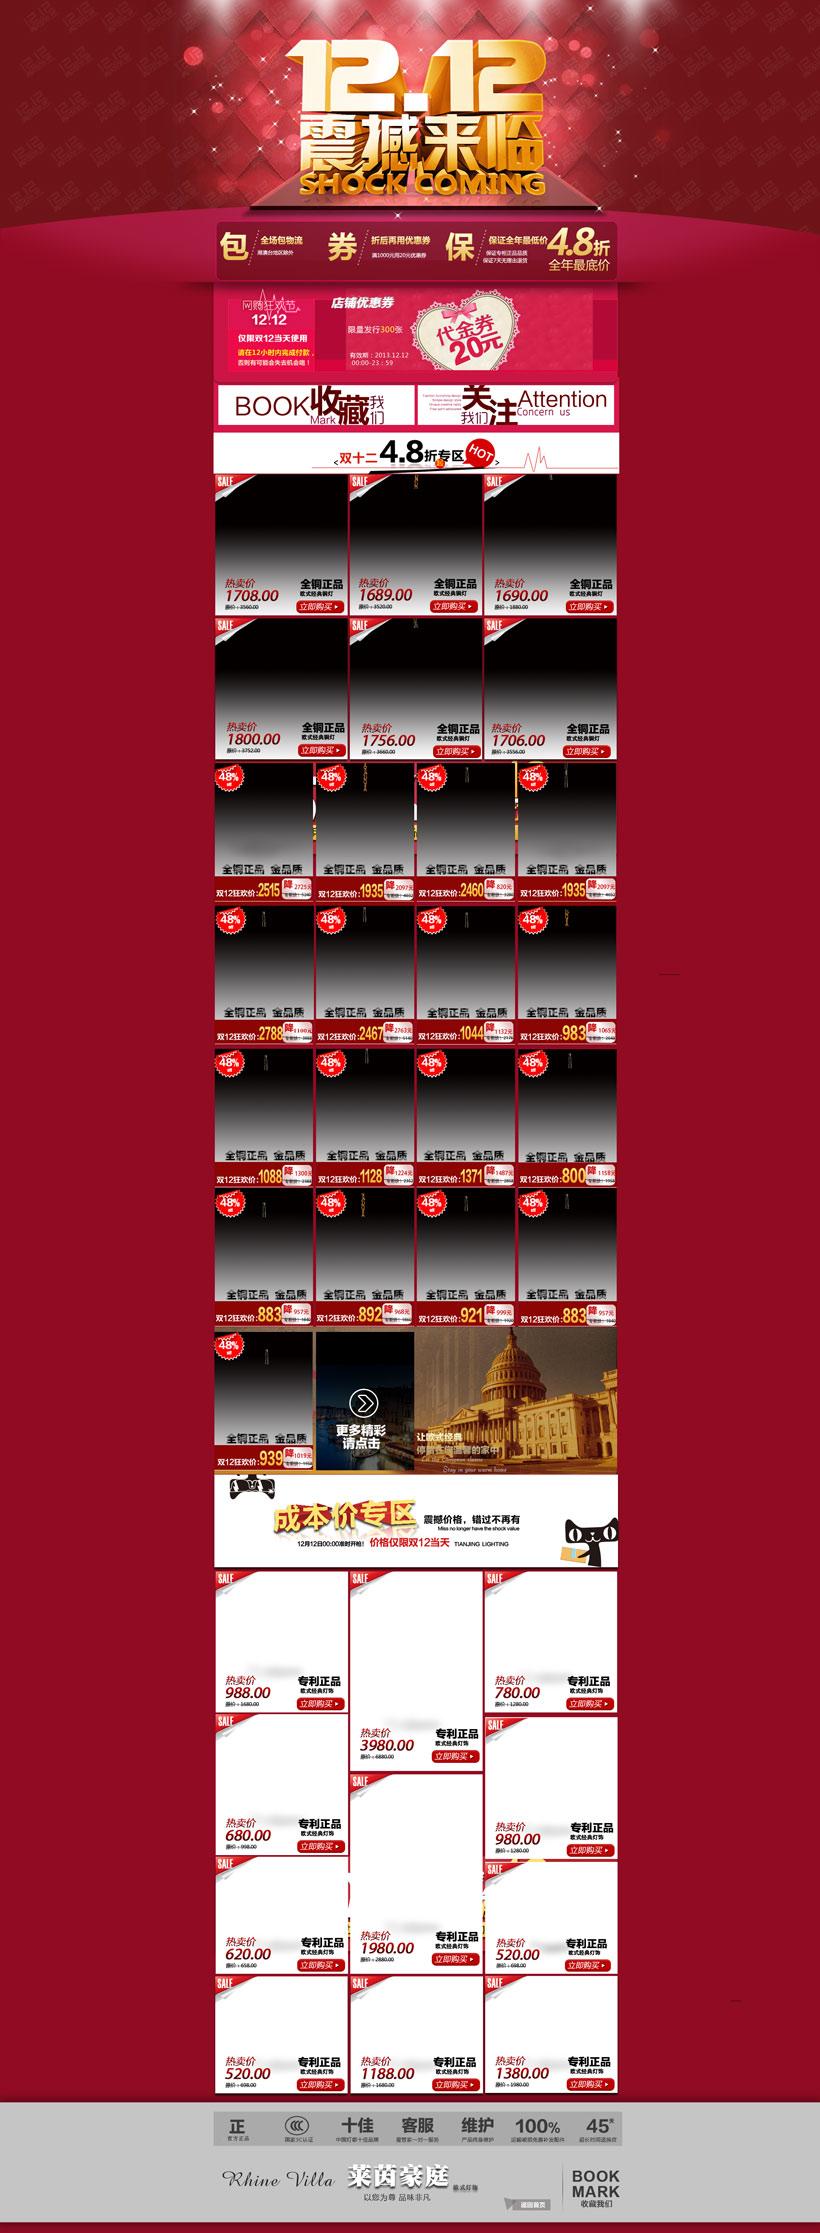 淘寶店鋪首頁雙12促銷頁面設計psd素材